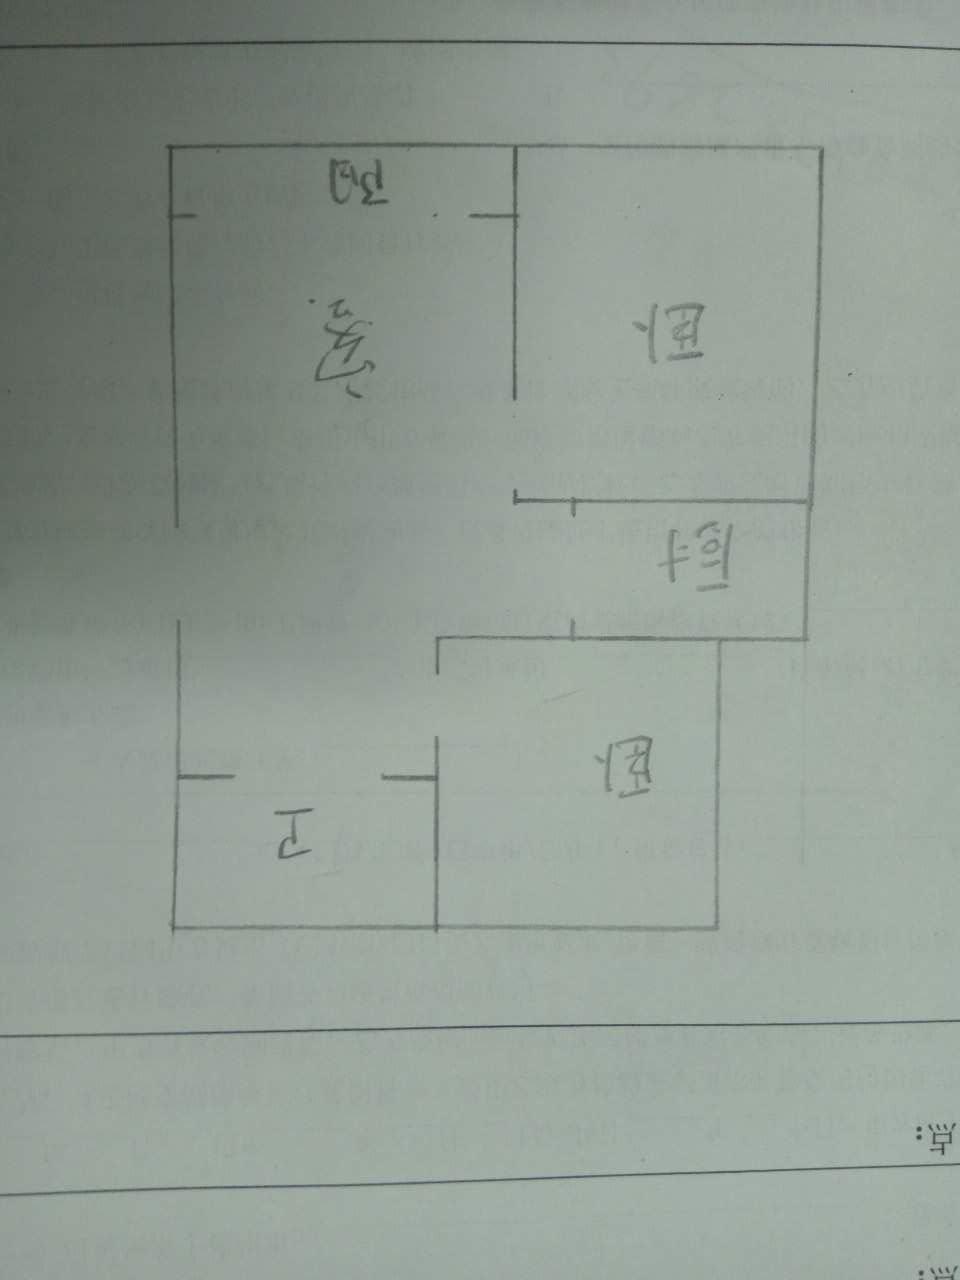 万达广场 2室2厅 14楼